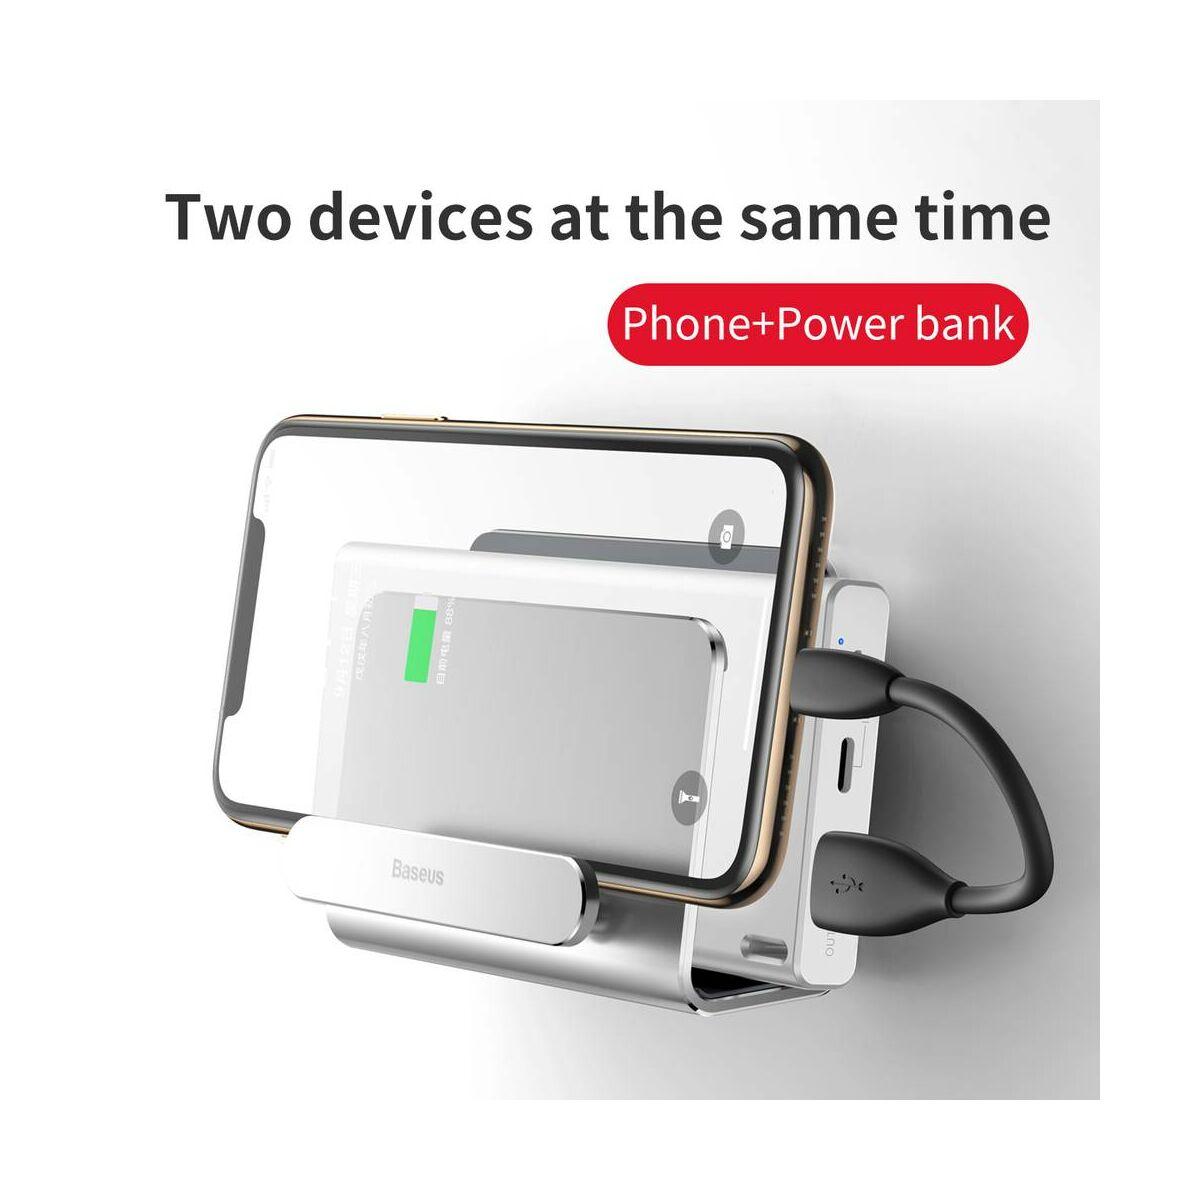 Baseus Univerzális fali telefontartó, asztro szürke (SUBG-0G)